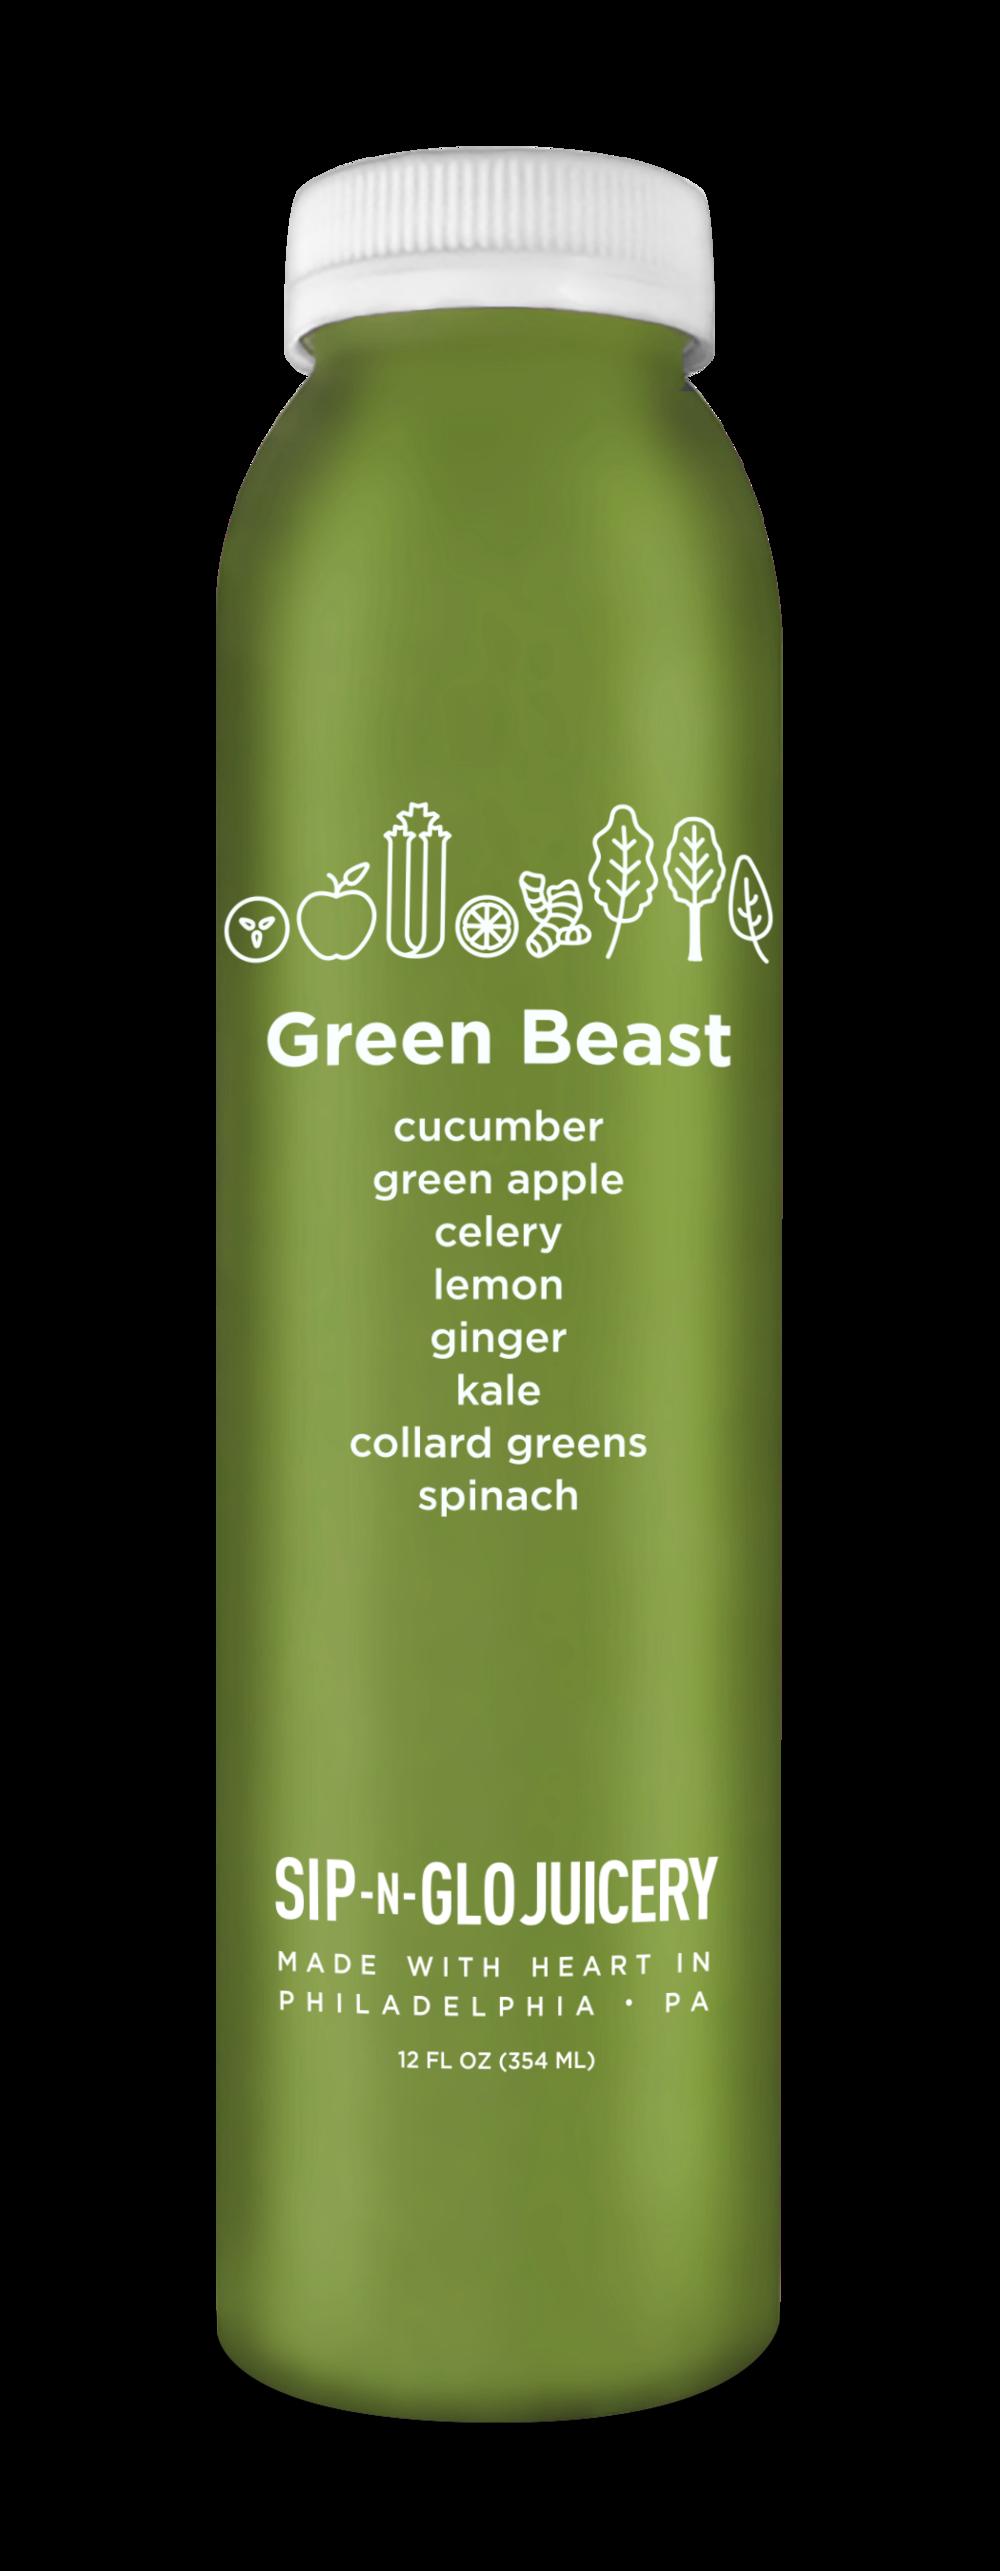 Sip-N-Glo Cold-Pressed Juice Green Beast